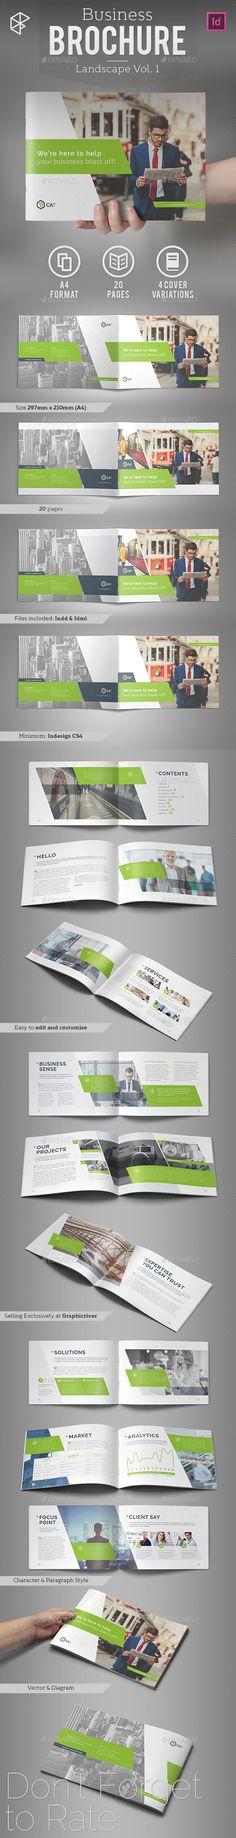 Landscape Business Brochure Template InDesign INDD #design Download: http://graphicriver.net/item/business-brochure-landscape-vol-1/14376917?ref=ksioks